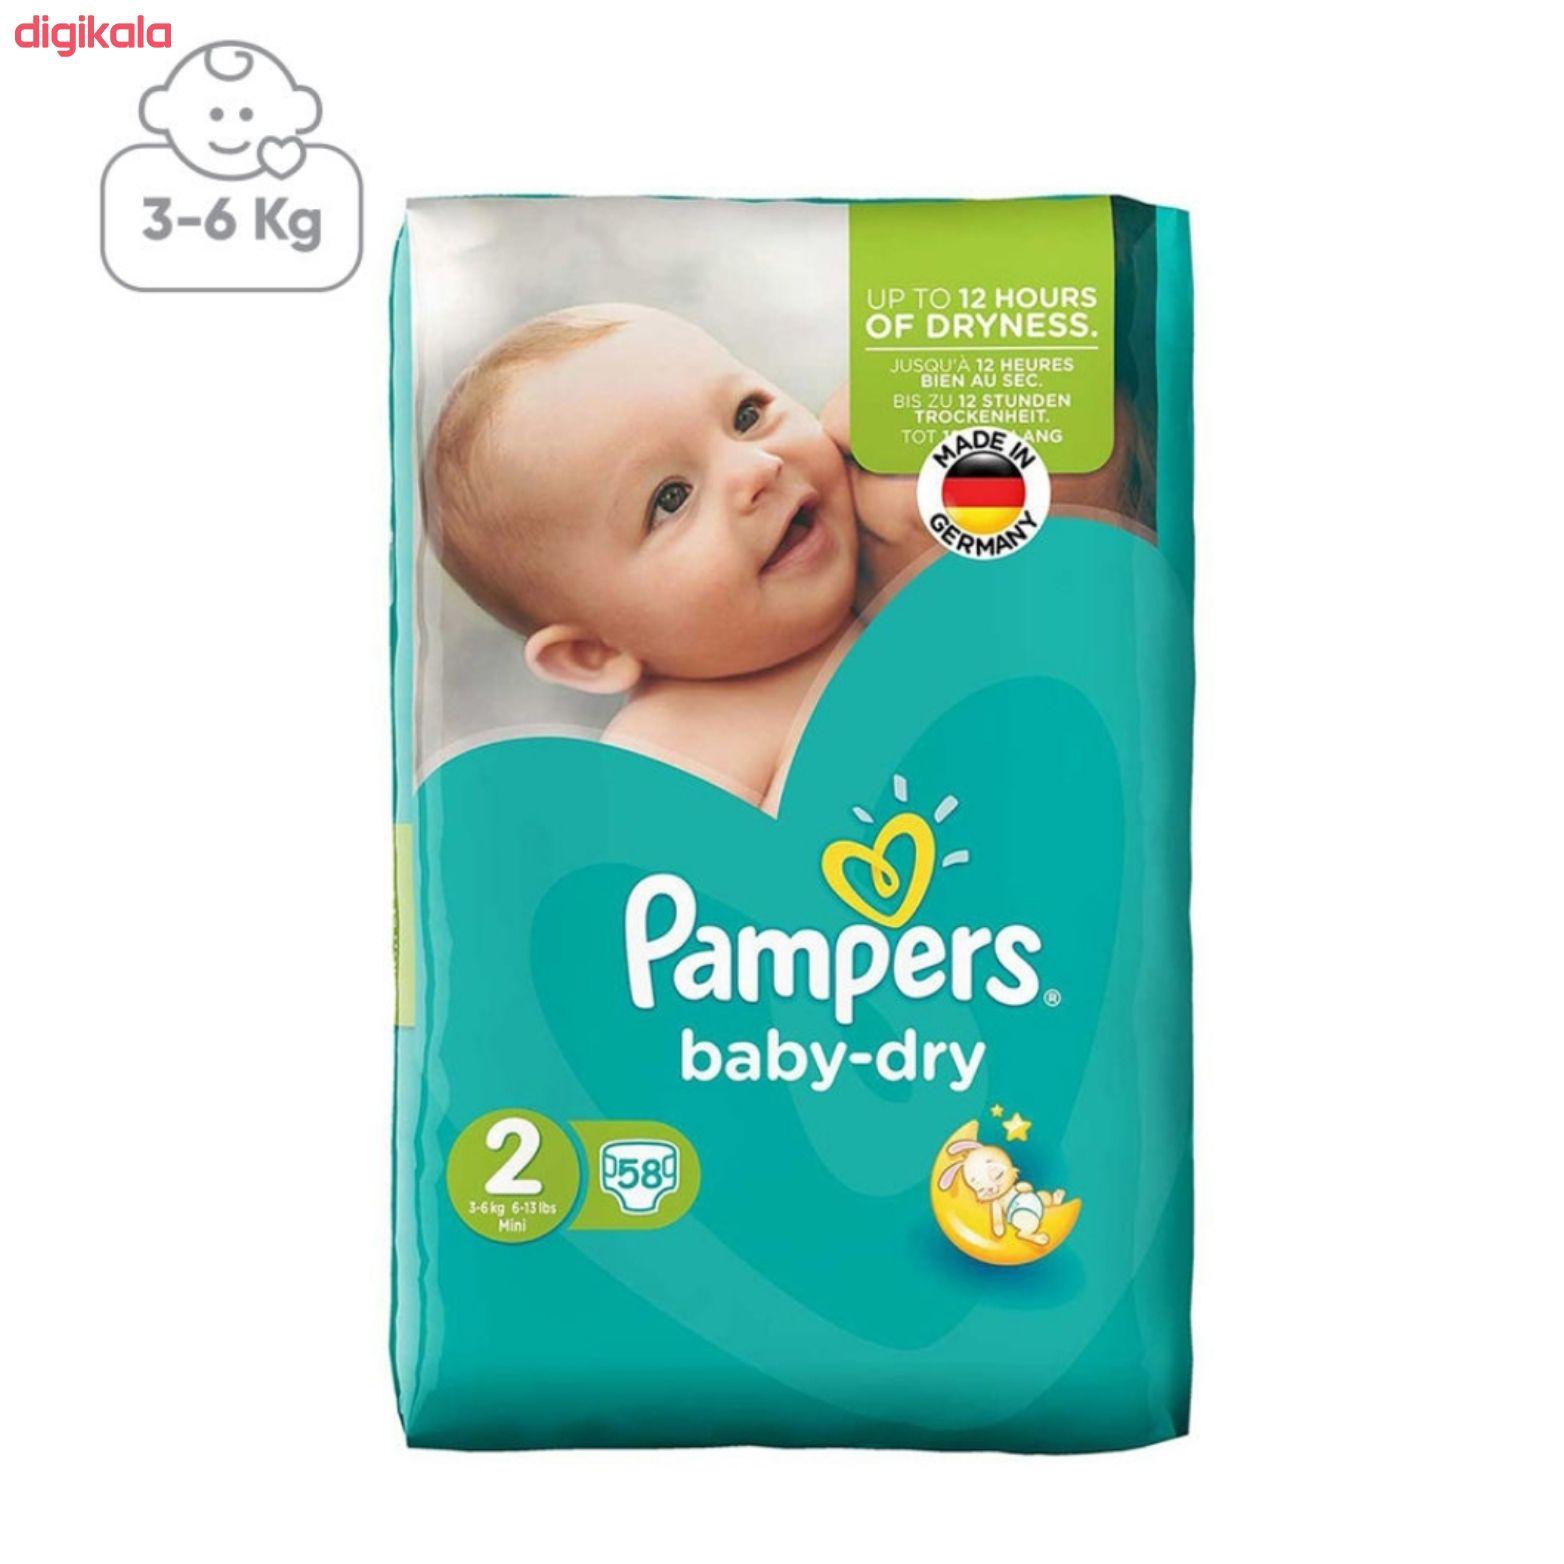 پوشک کودک پمپرز مدل New baby dry سایز 2 بسته 58 عددی main 1 1